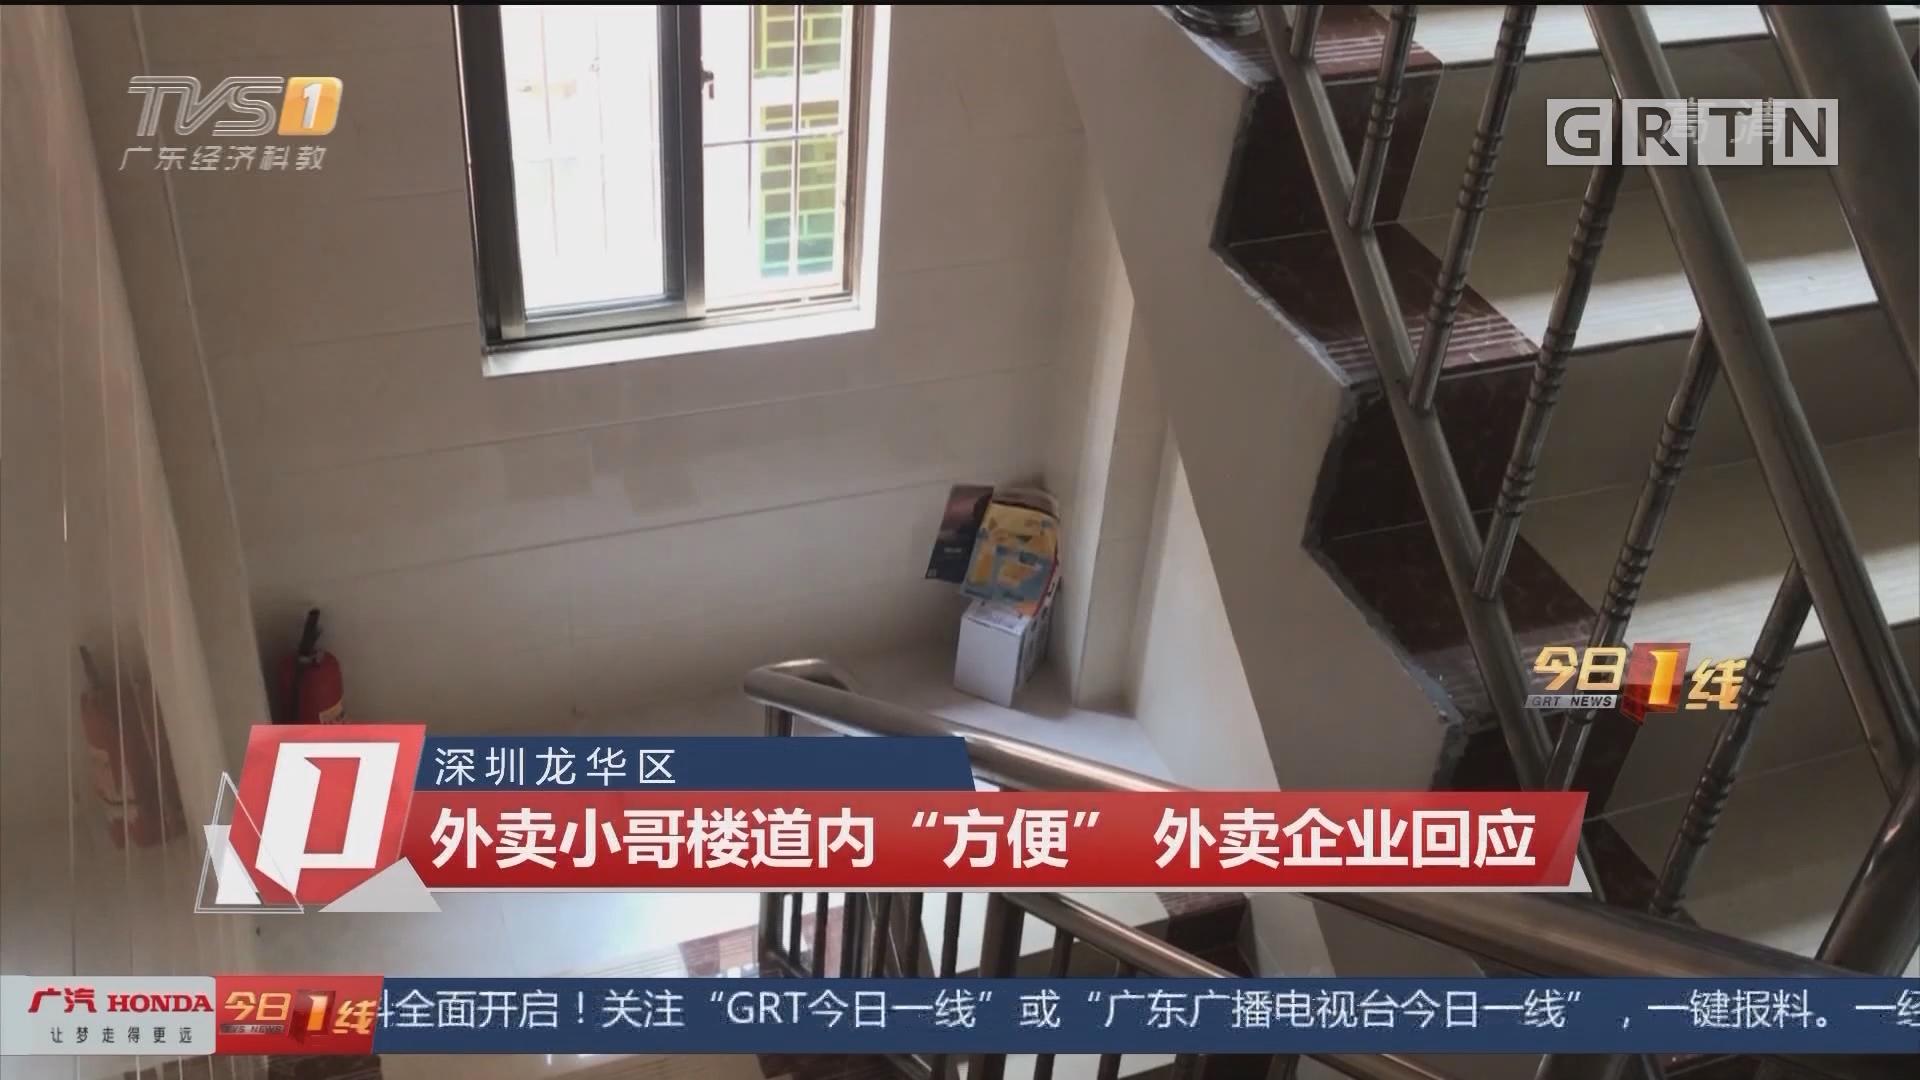 """深圳龙华区:外卖小哥楼道内""""方便"""" 外卖企业回应"""